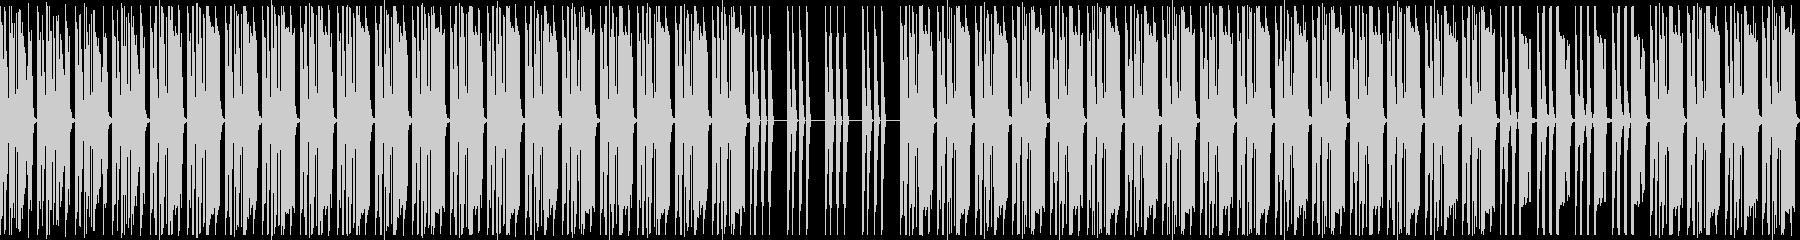 削ぎ落としたローファイスローダウンビートの未再生の波形